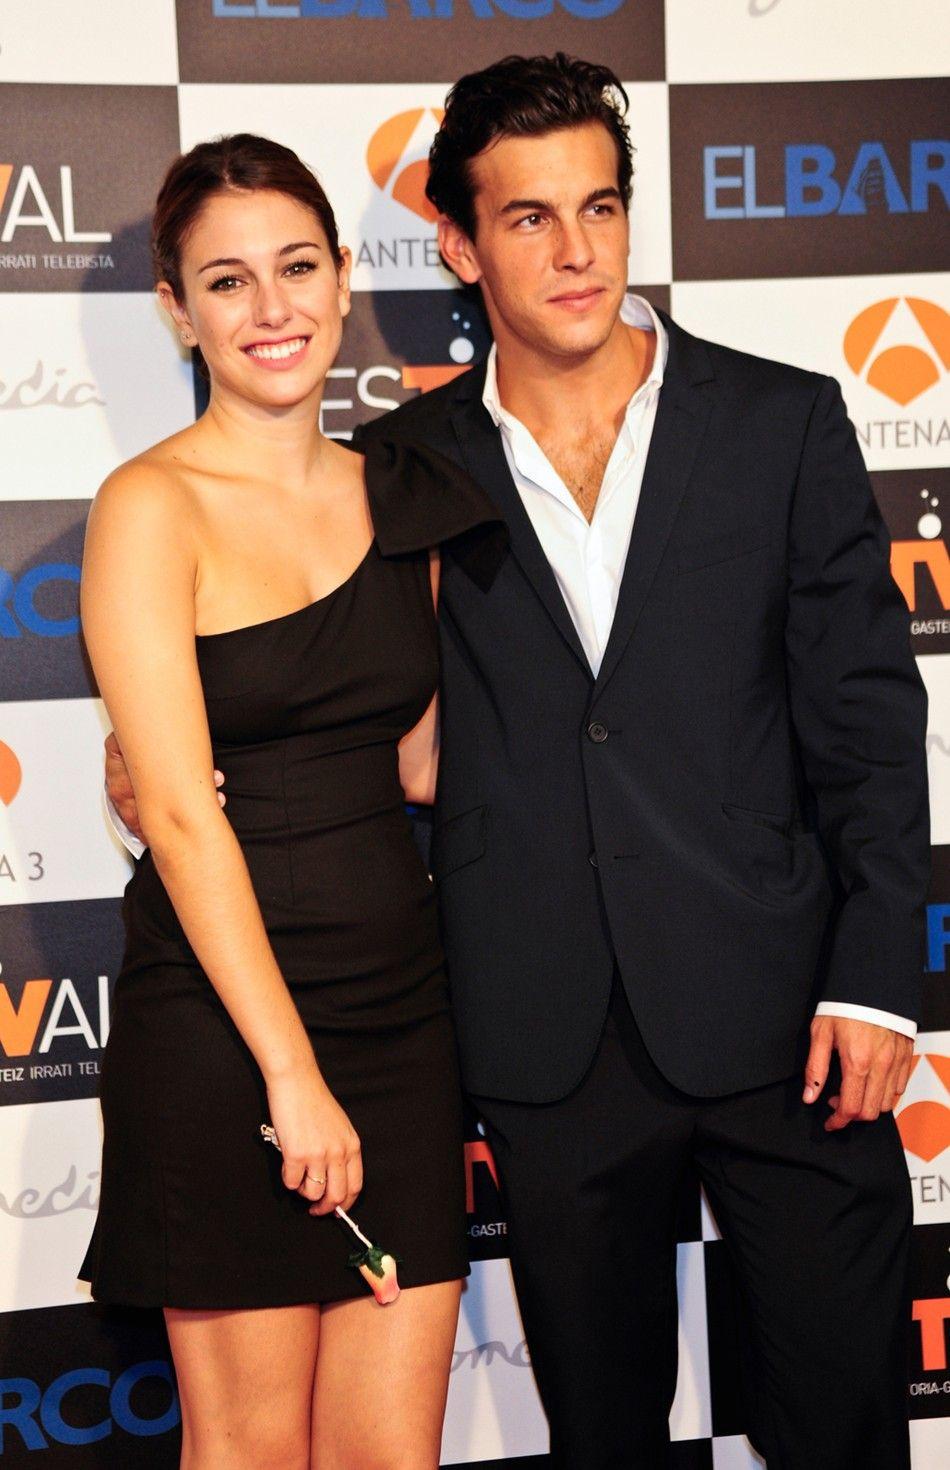 Blanca Suarez y Mario Casas Mario casas, El barco serie